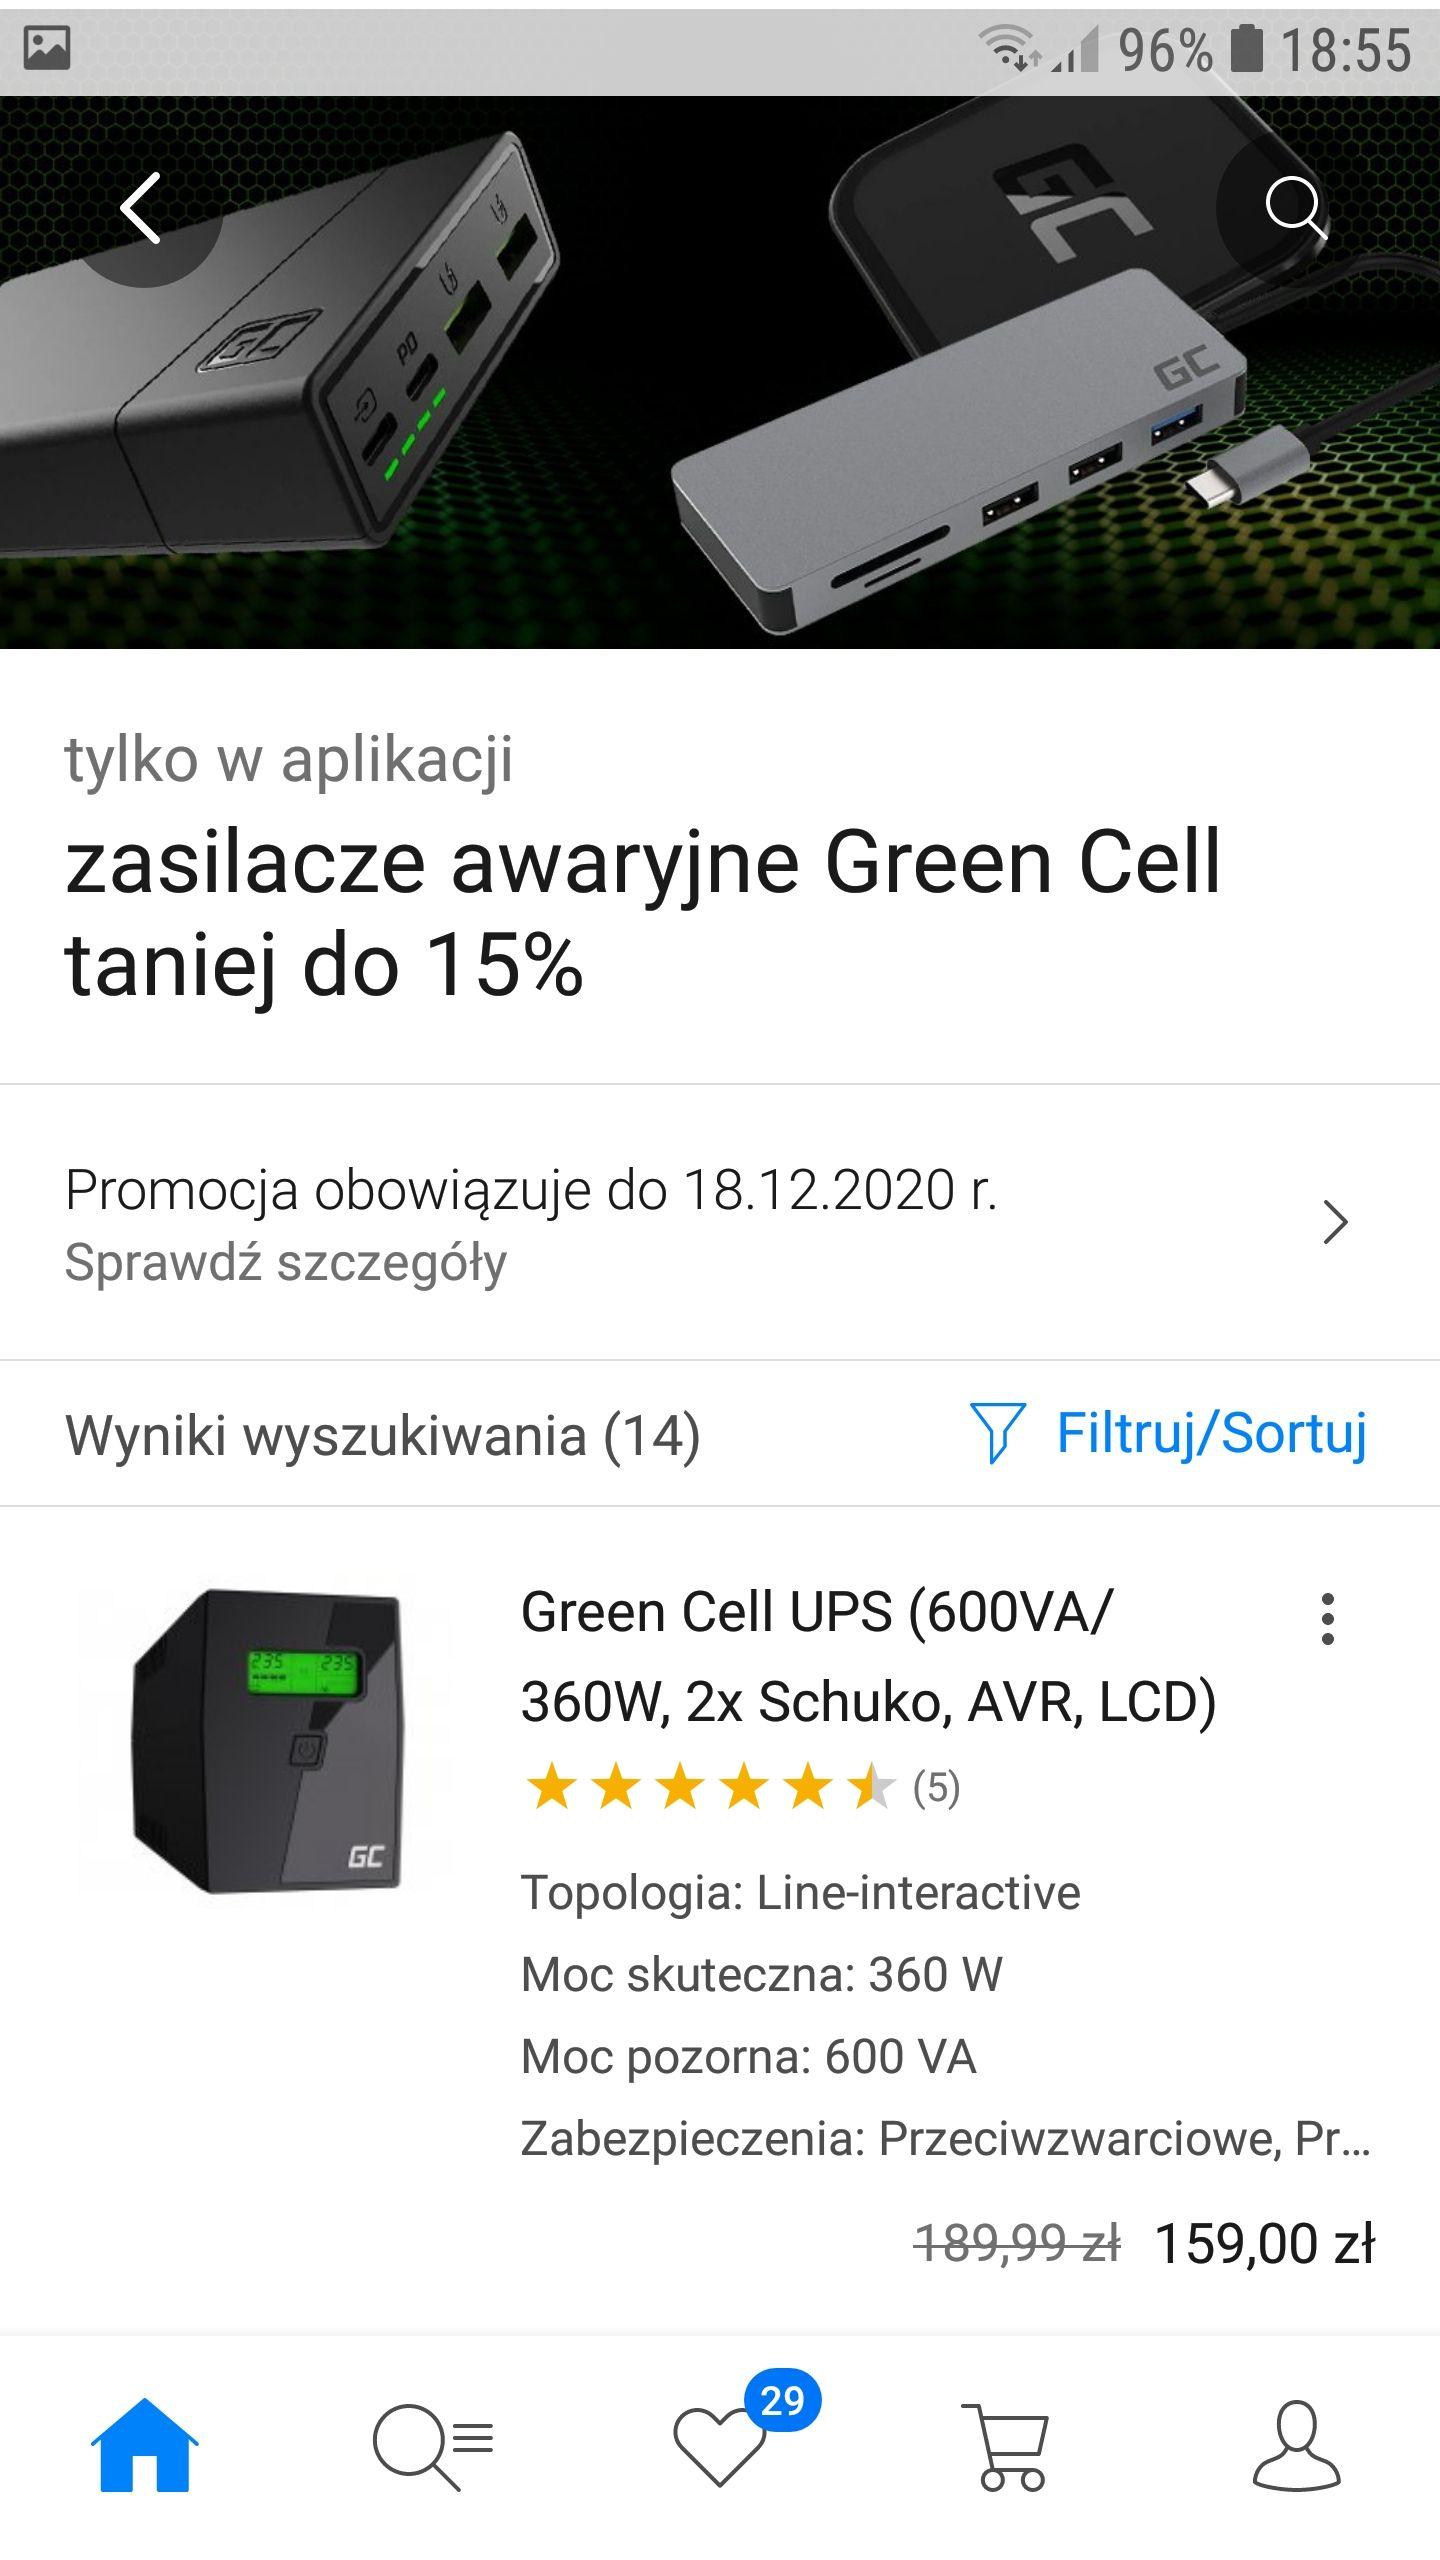 Zasilacze green cell taniej do 15%